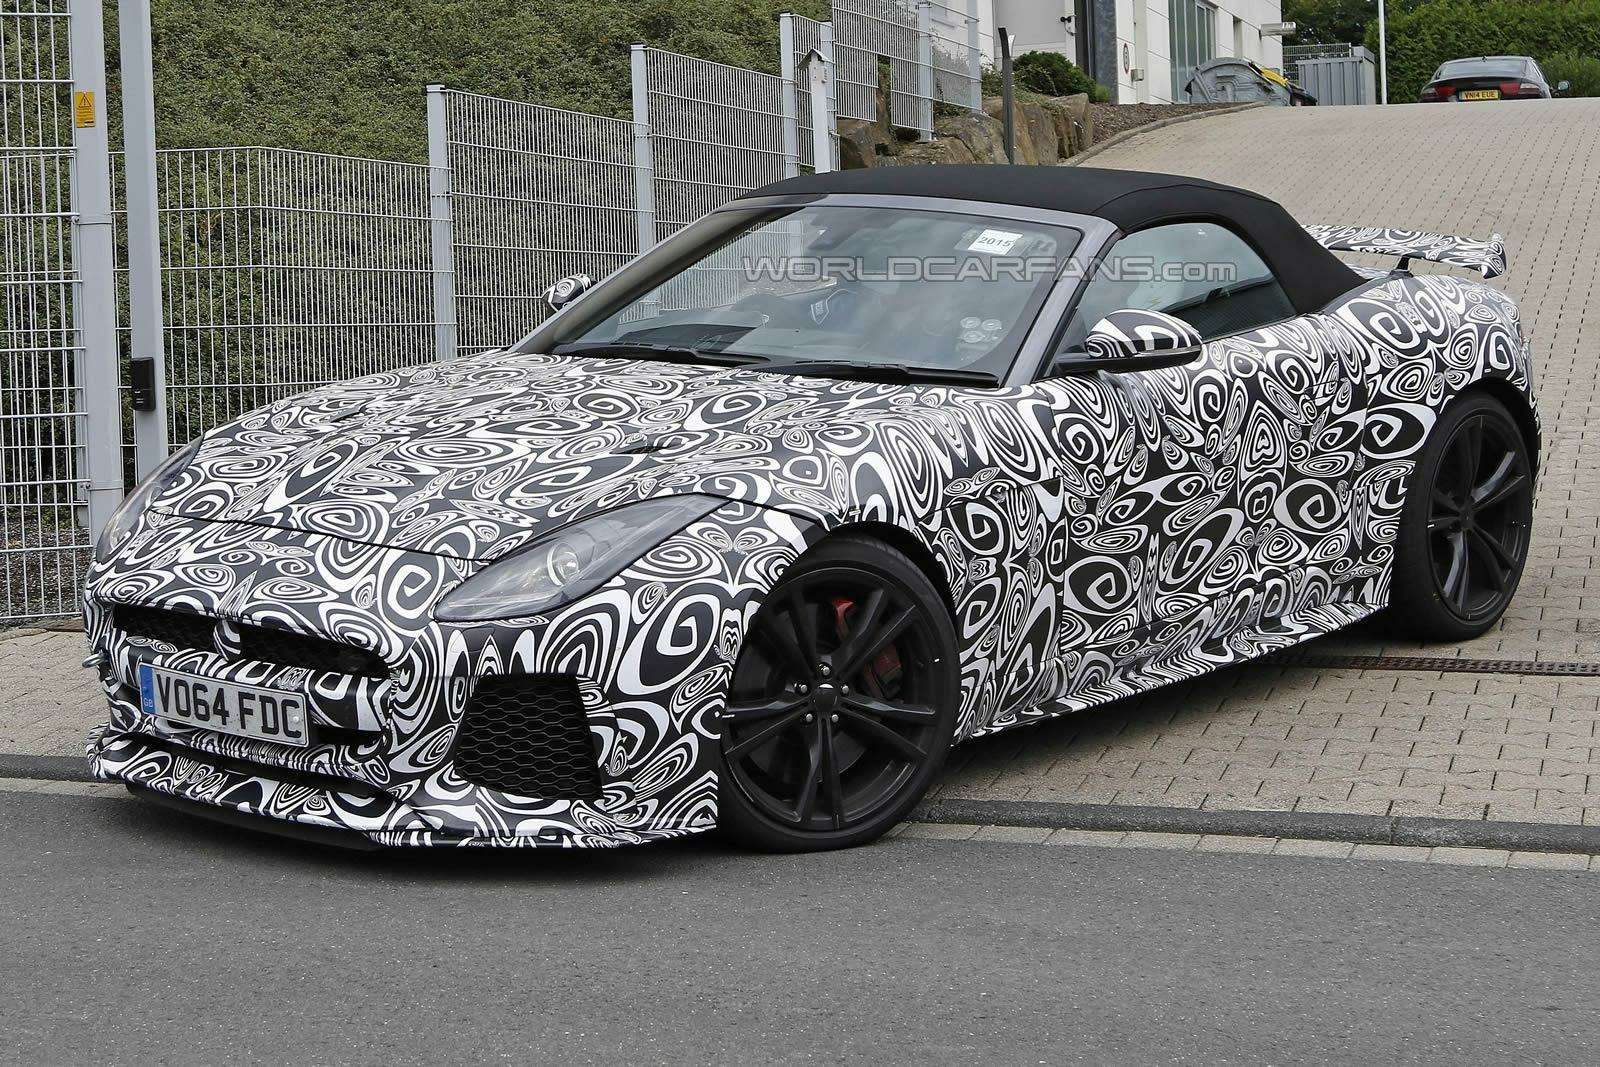 JaguarF1